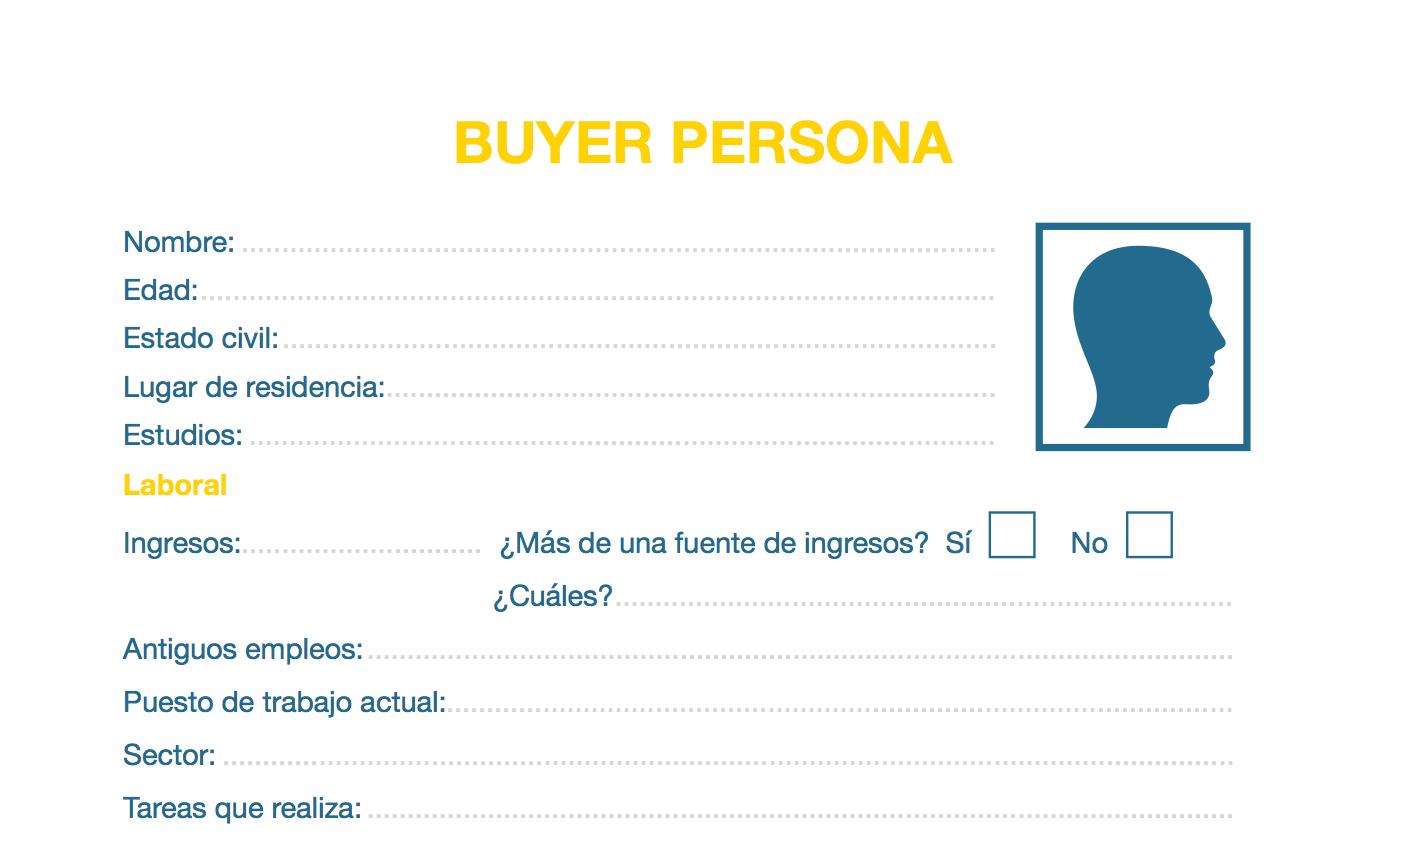 plantilla buyer persona para saber quién es tu público objetivo